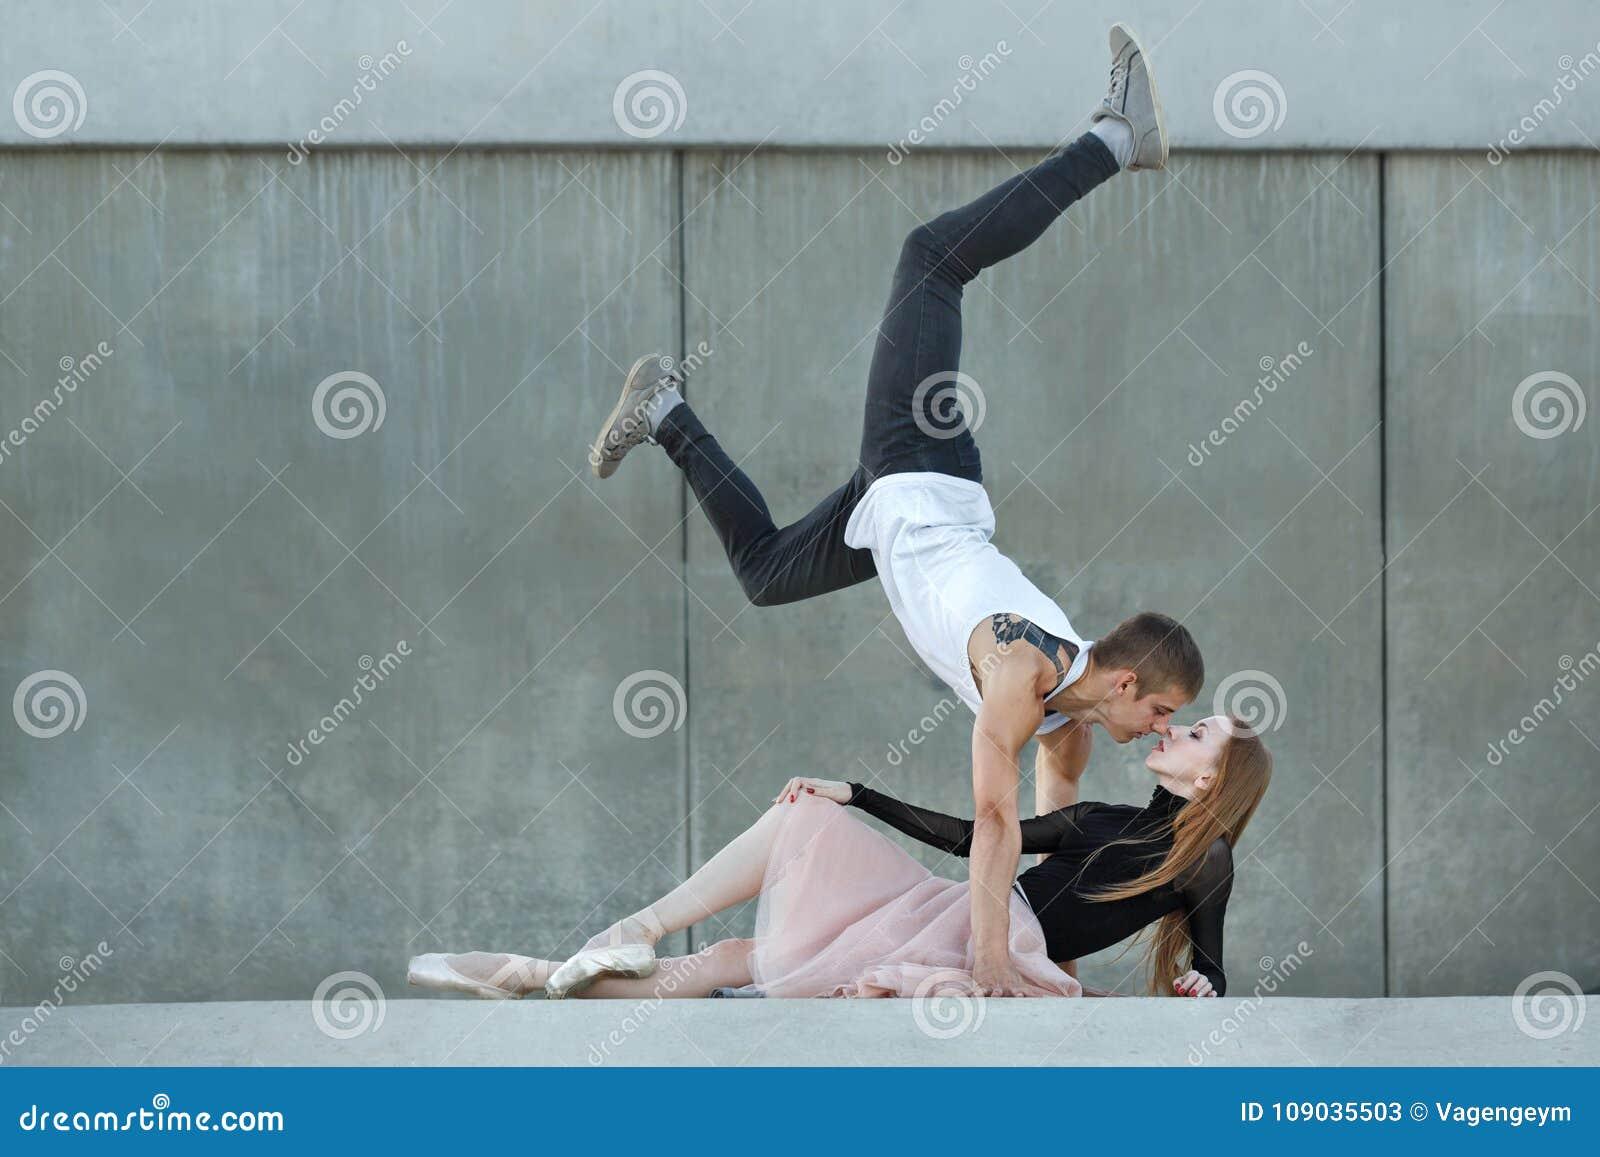 Slender dating